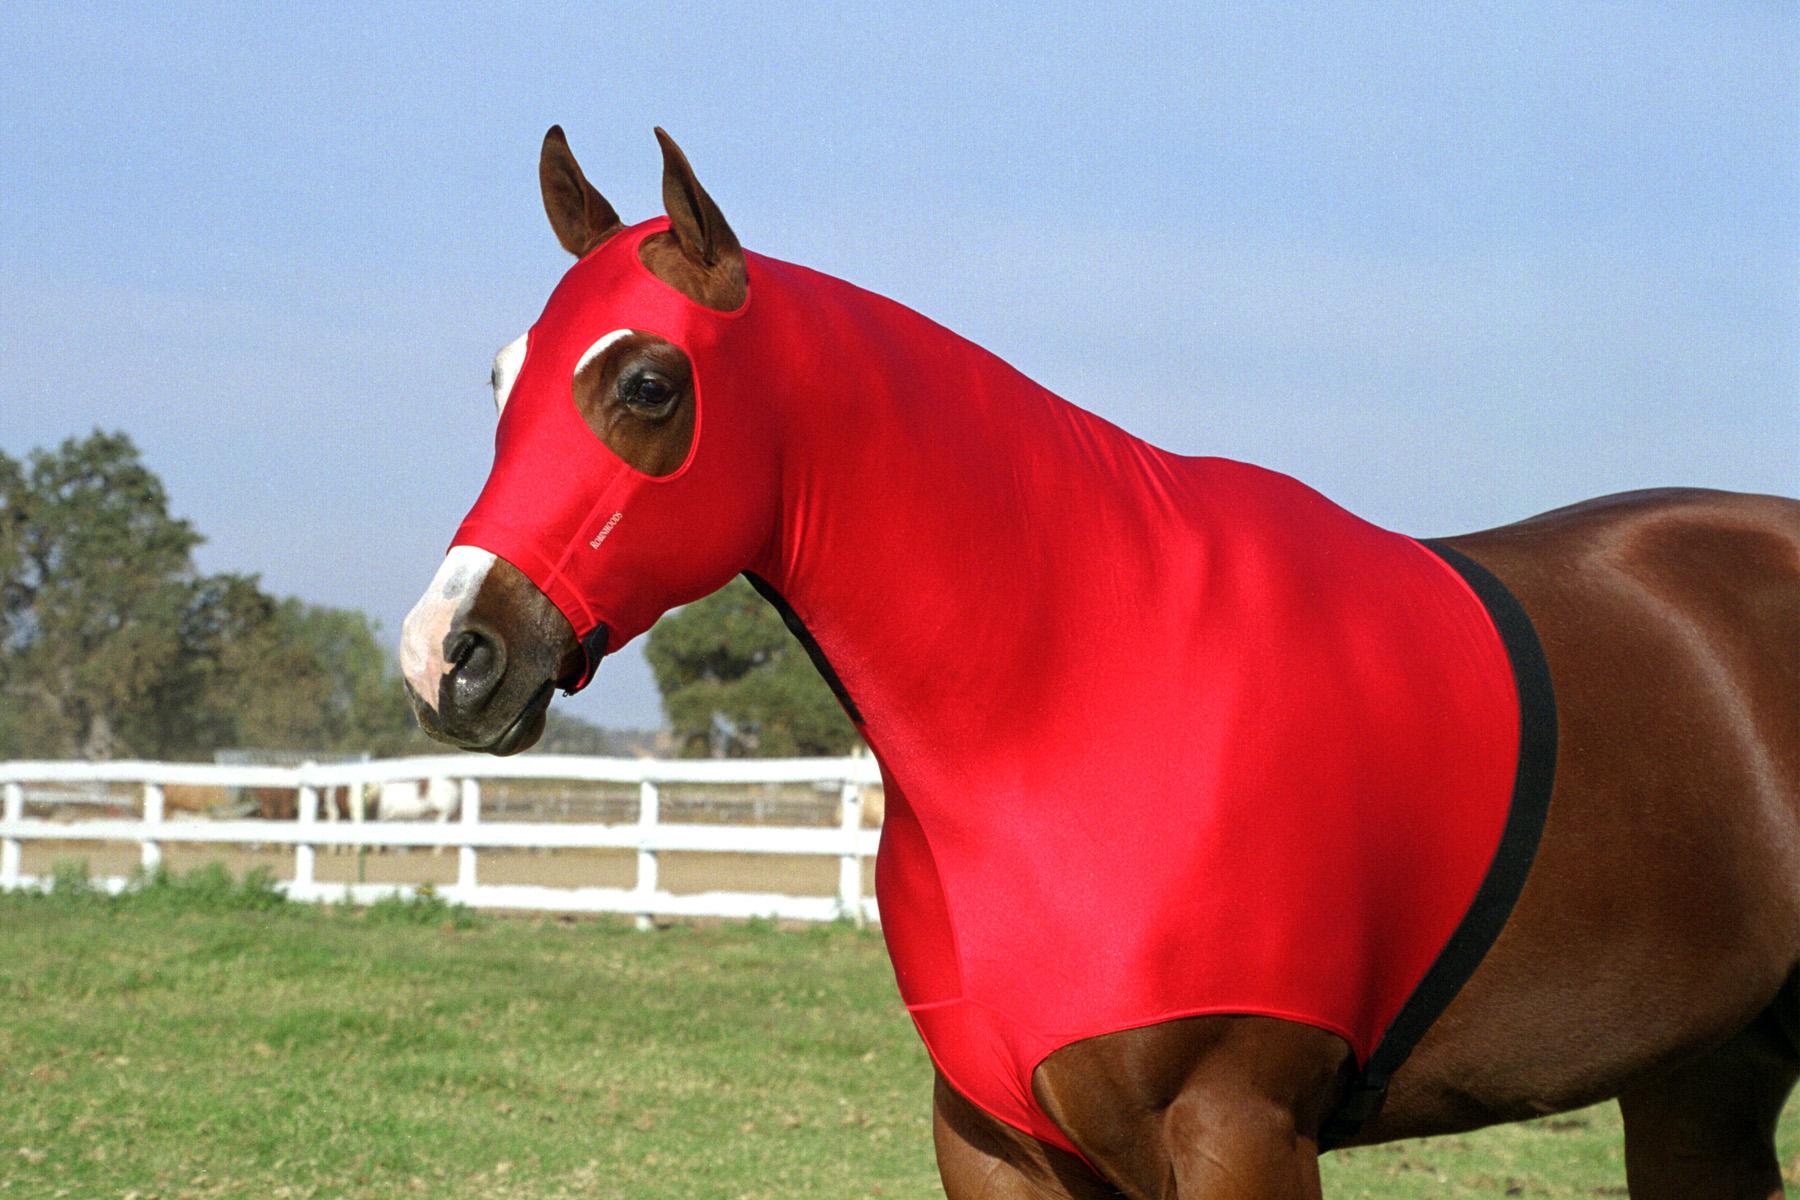 Robinhoods Horse Hood, Slinky, Sleazy